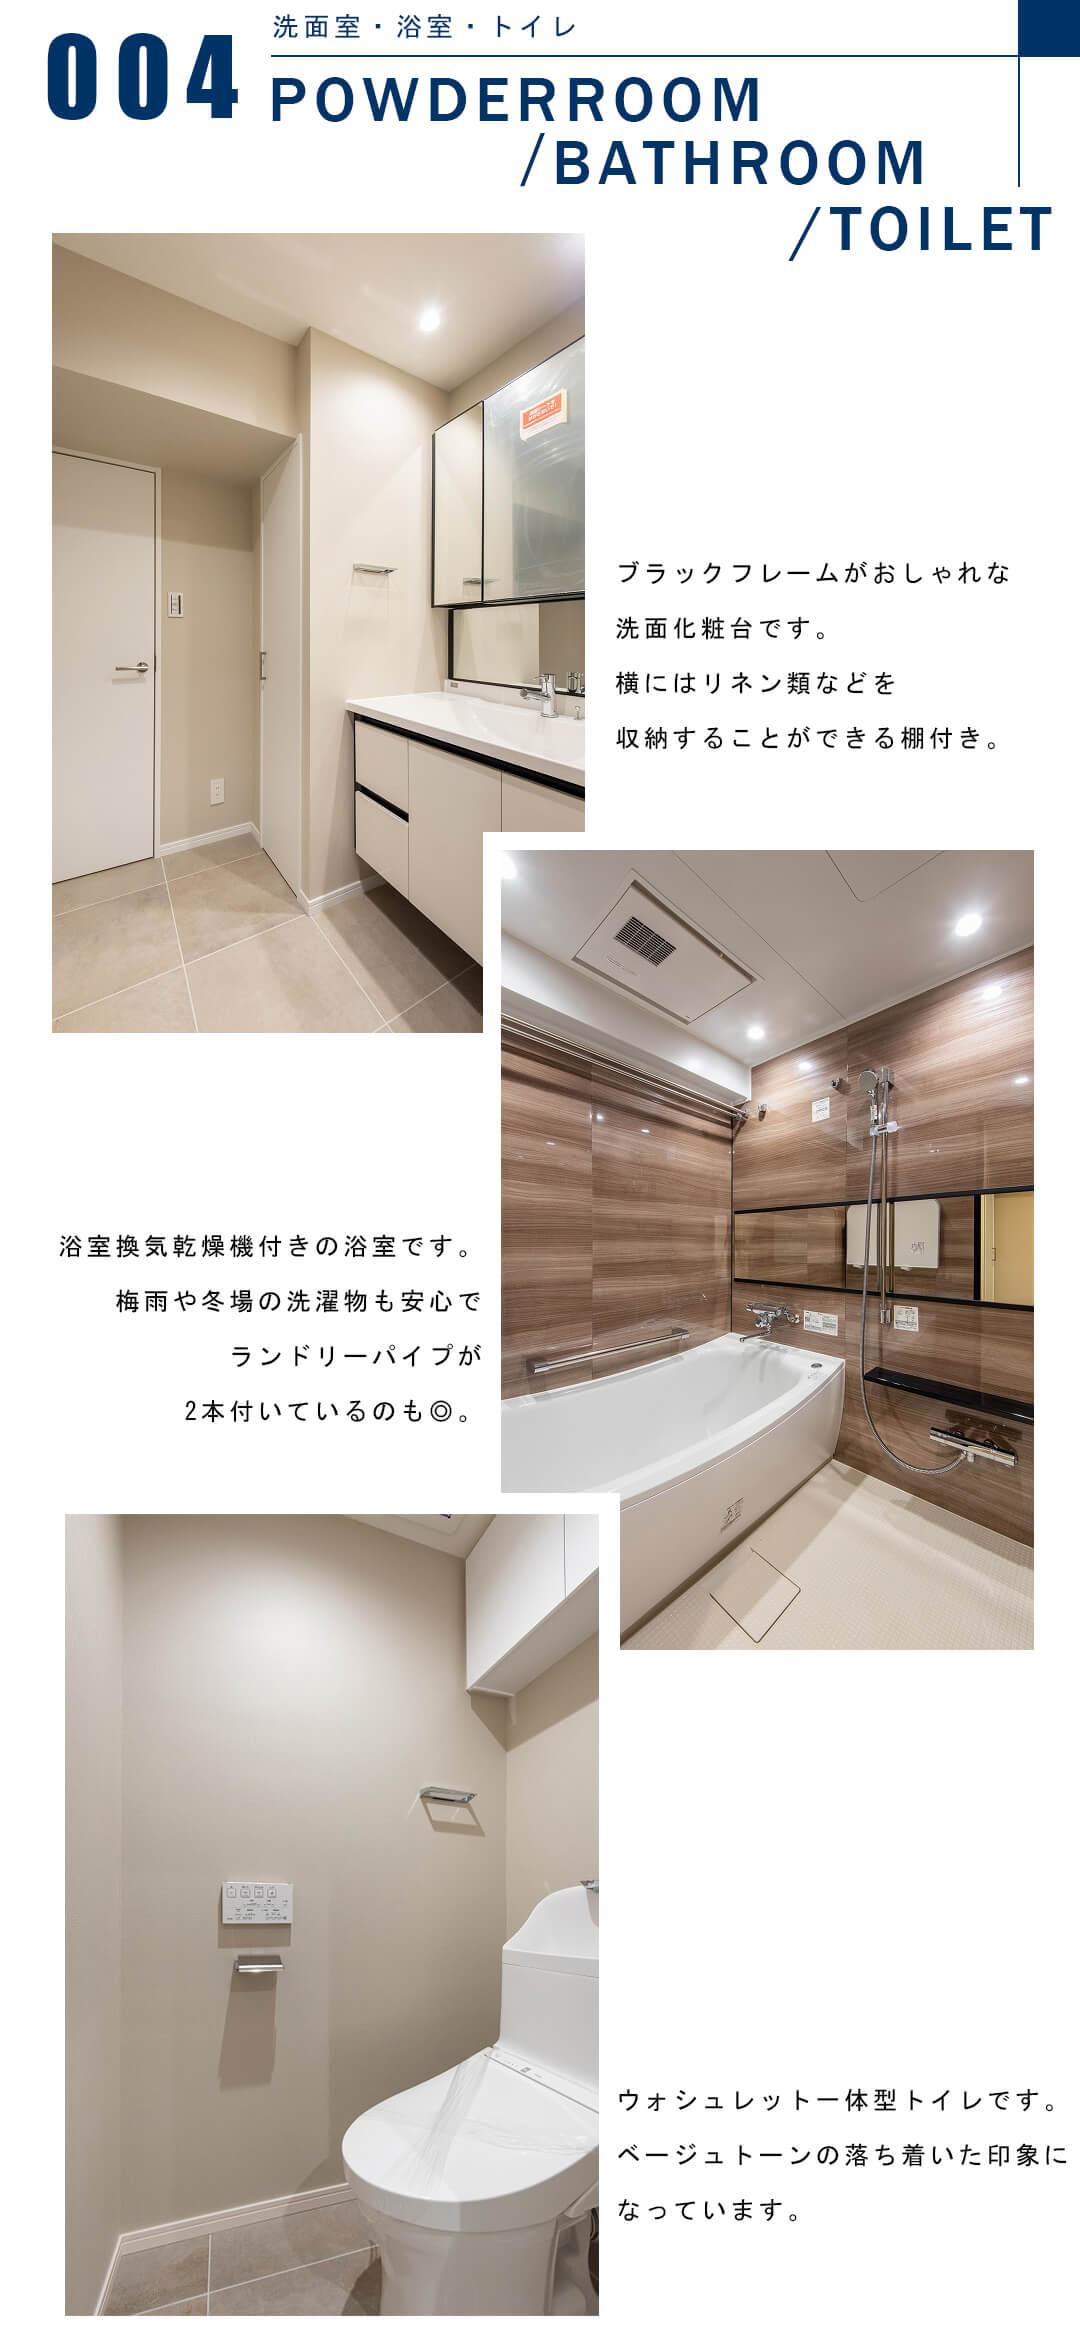 004洗面室,浴室,トイレ,BATHROOM,POWDERROOM,TOILET